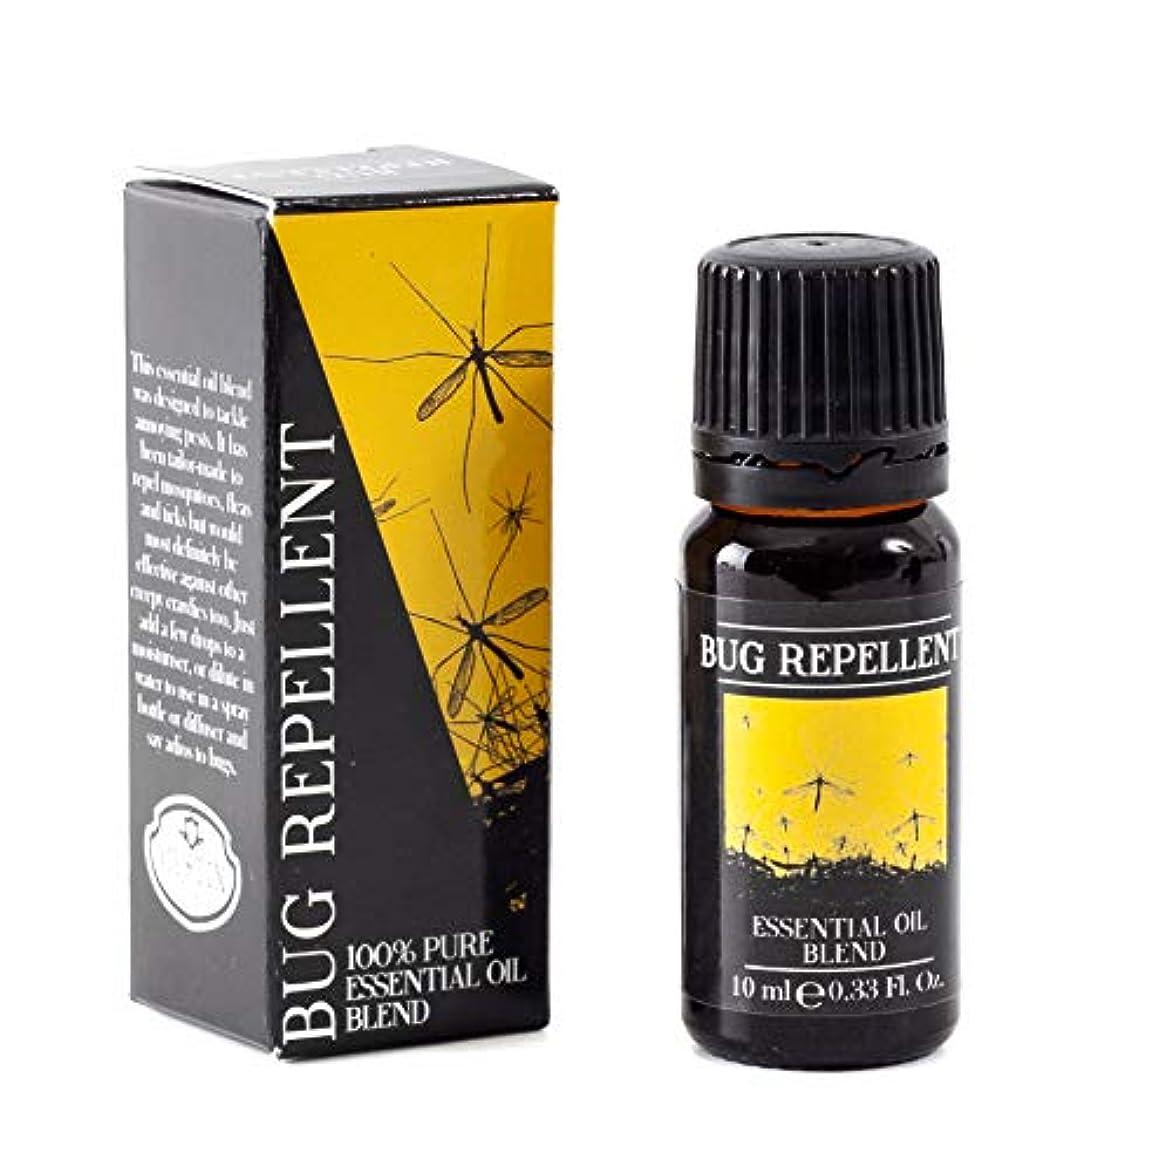 ずっと沈黙くしゃくしゃMystix London | Bug Repellent Essential Oil Blend 10ml